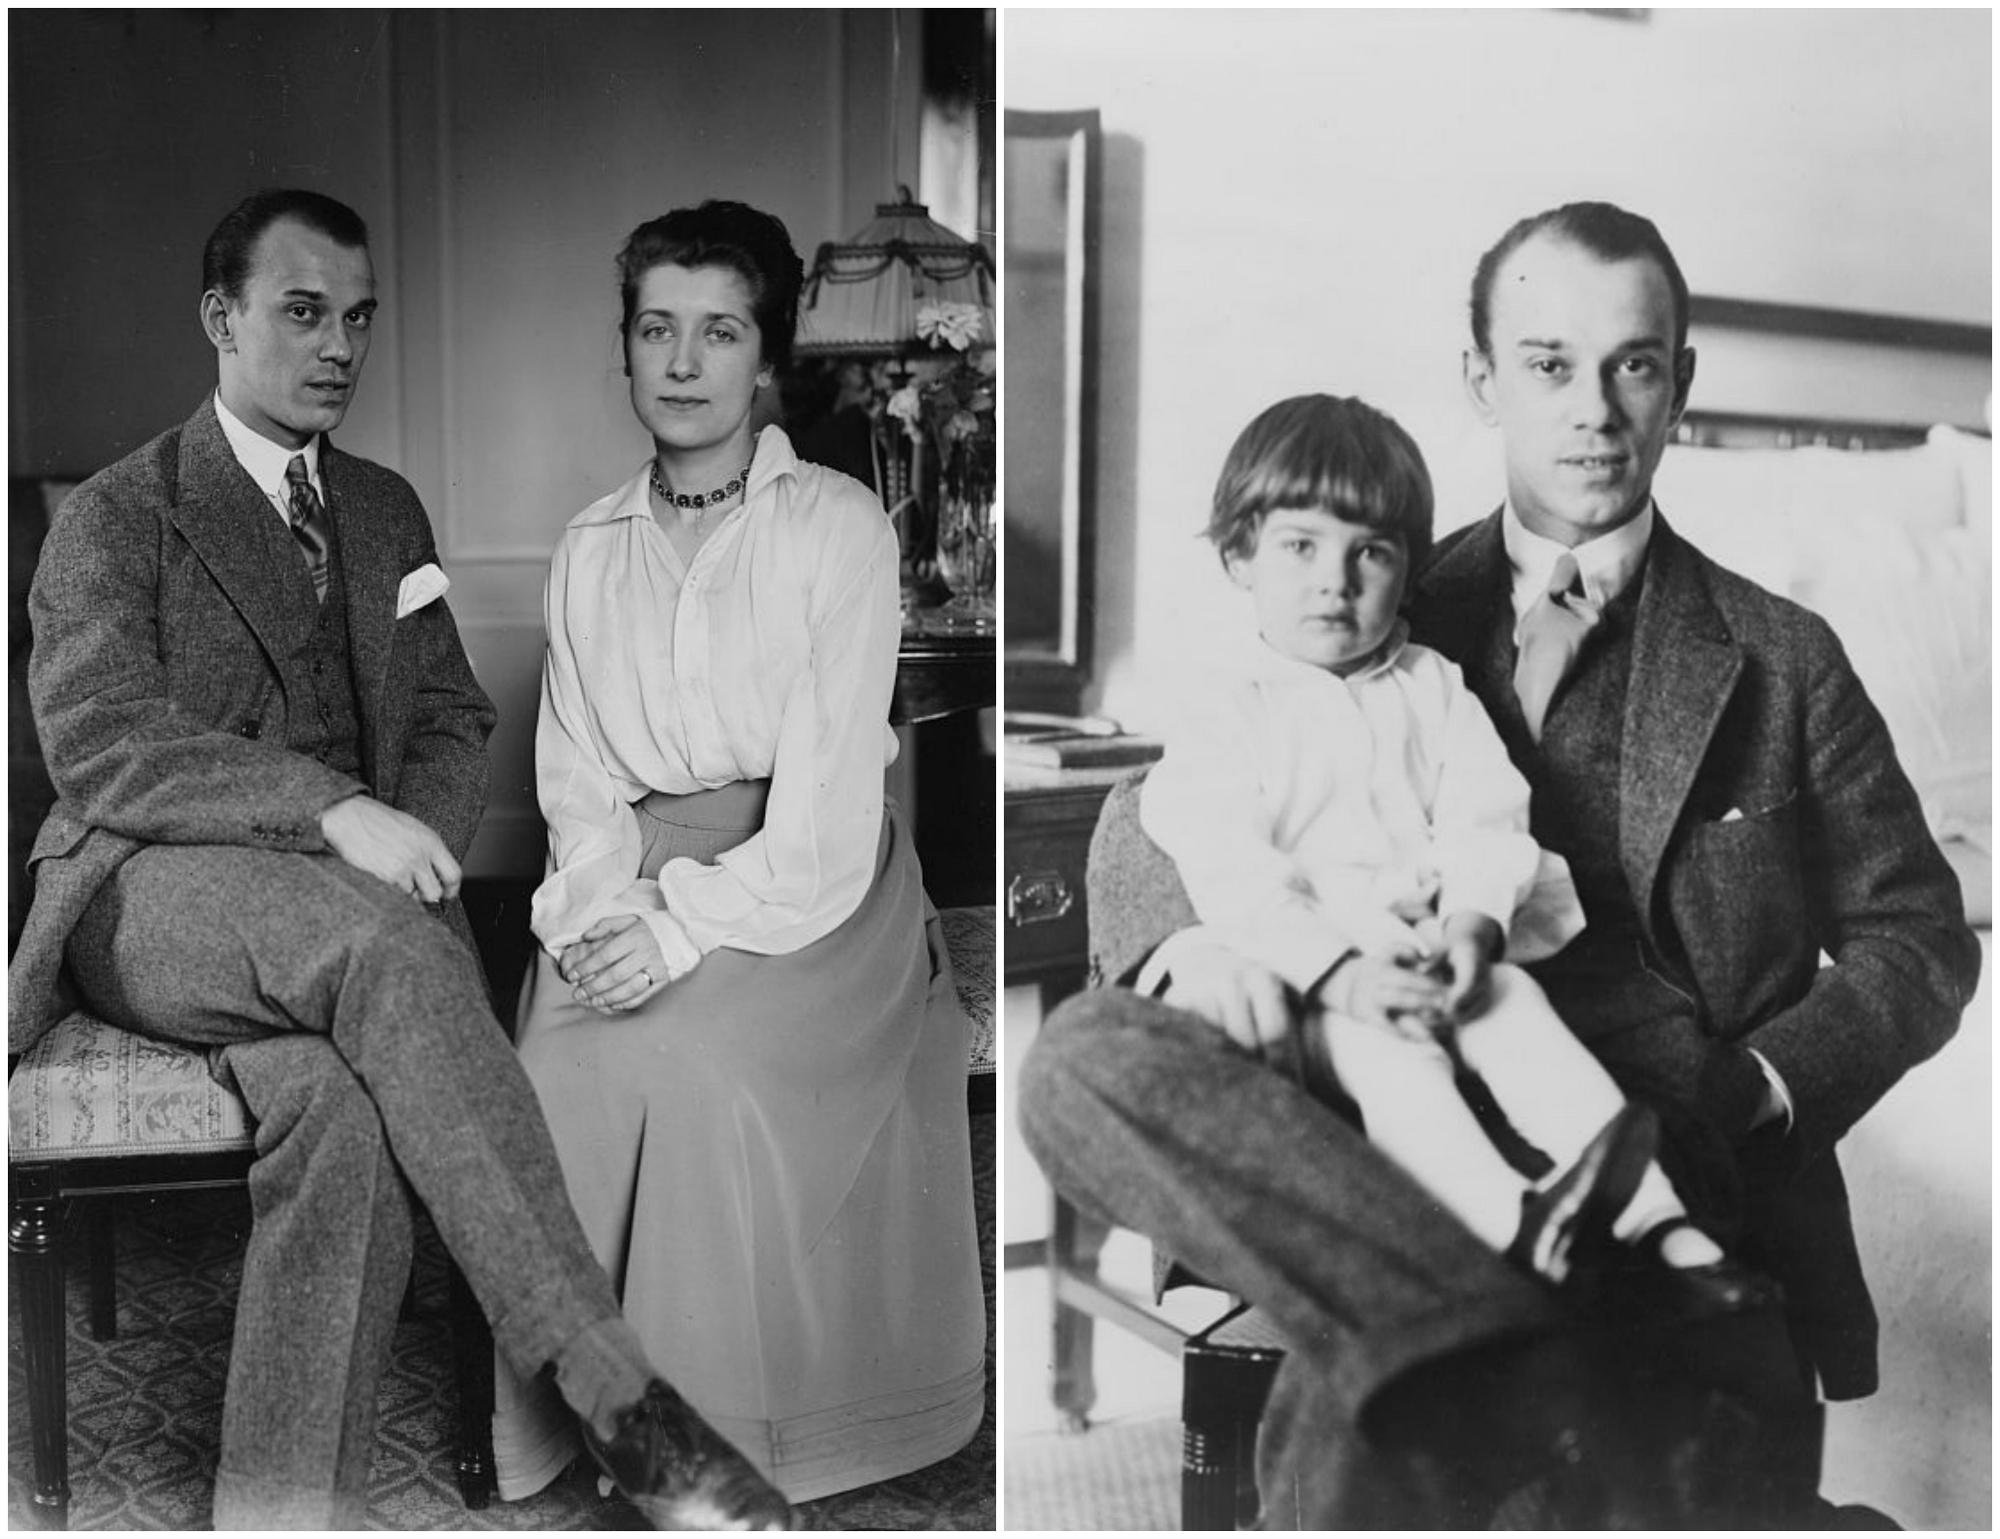 Z lewej Wacław z żoną Romolą Pulszky, z prawej z córką Kirą. Wiosna 1916 r. (fot. Library of Congress / Wikimedia.org / Domena publiczna)